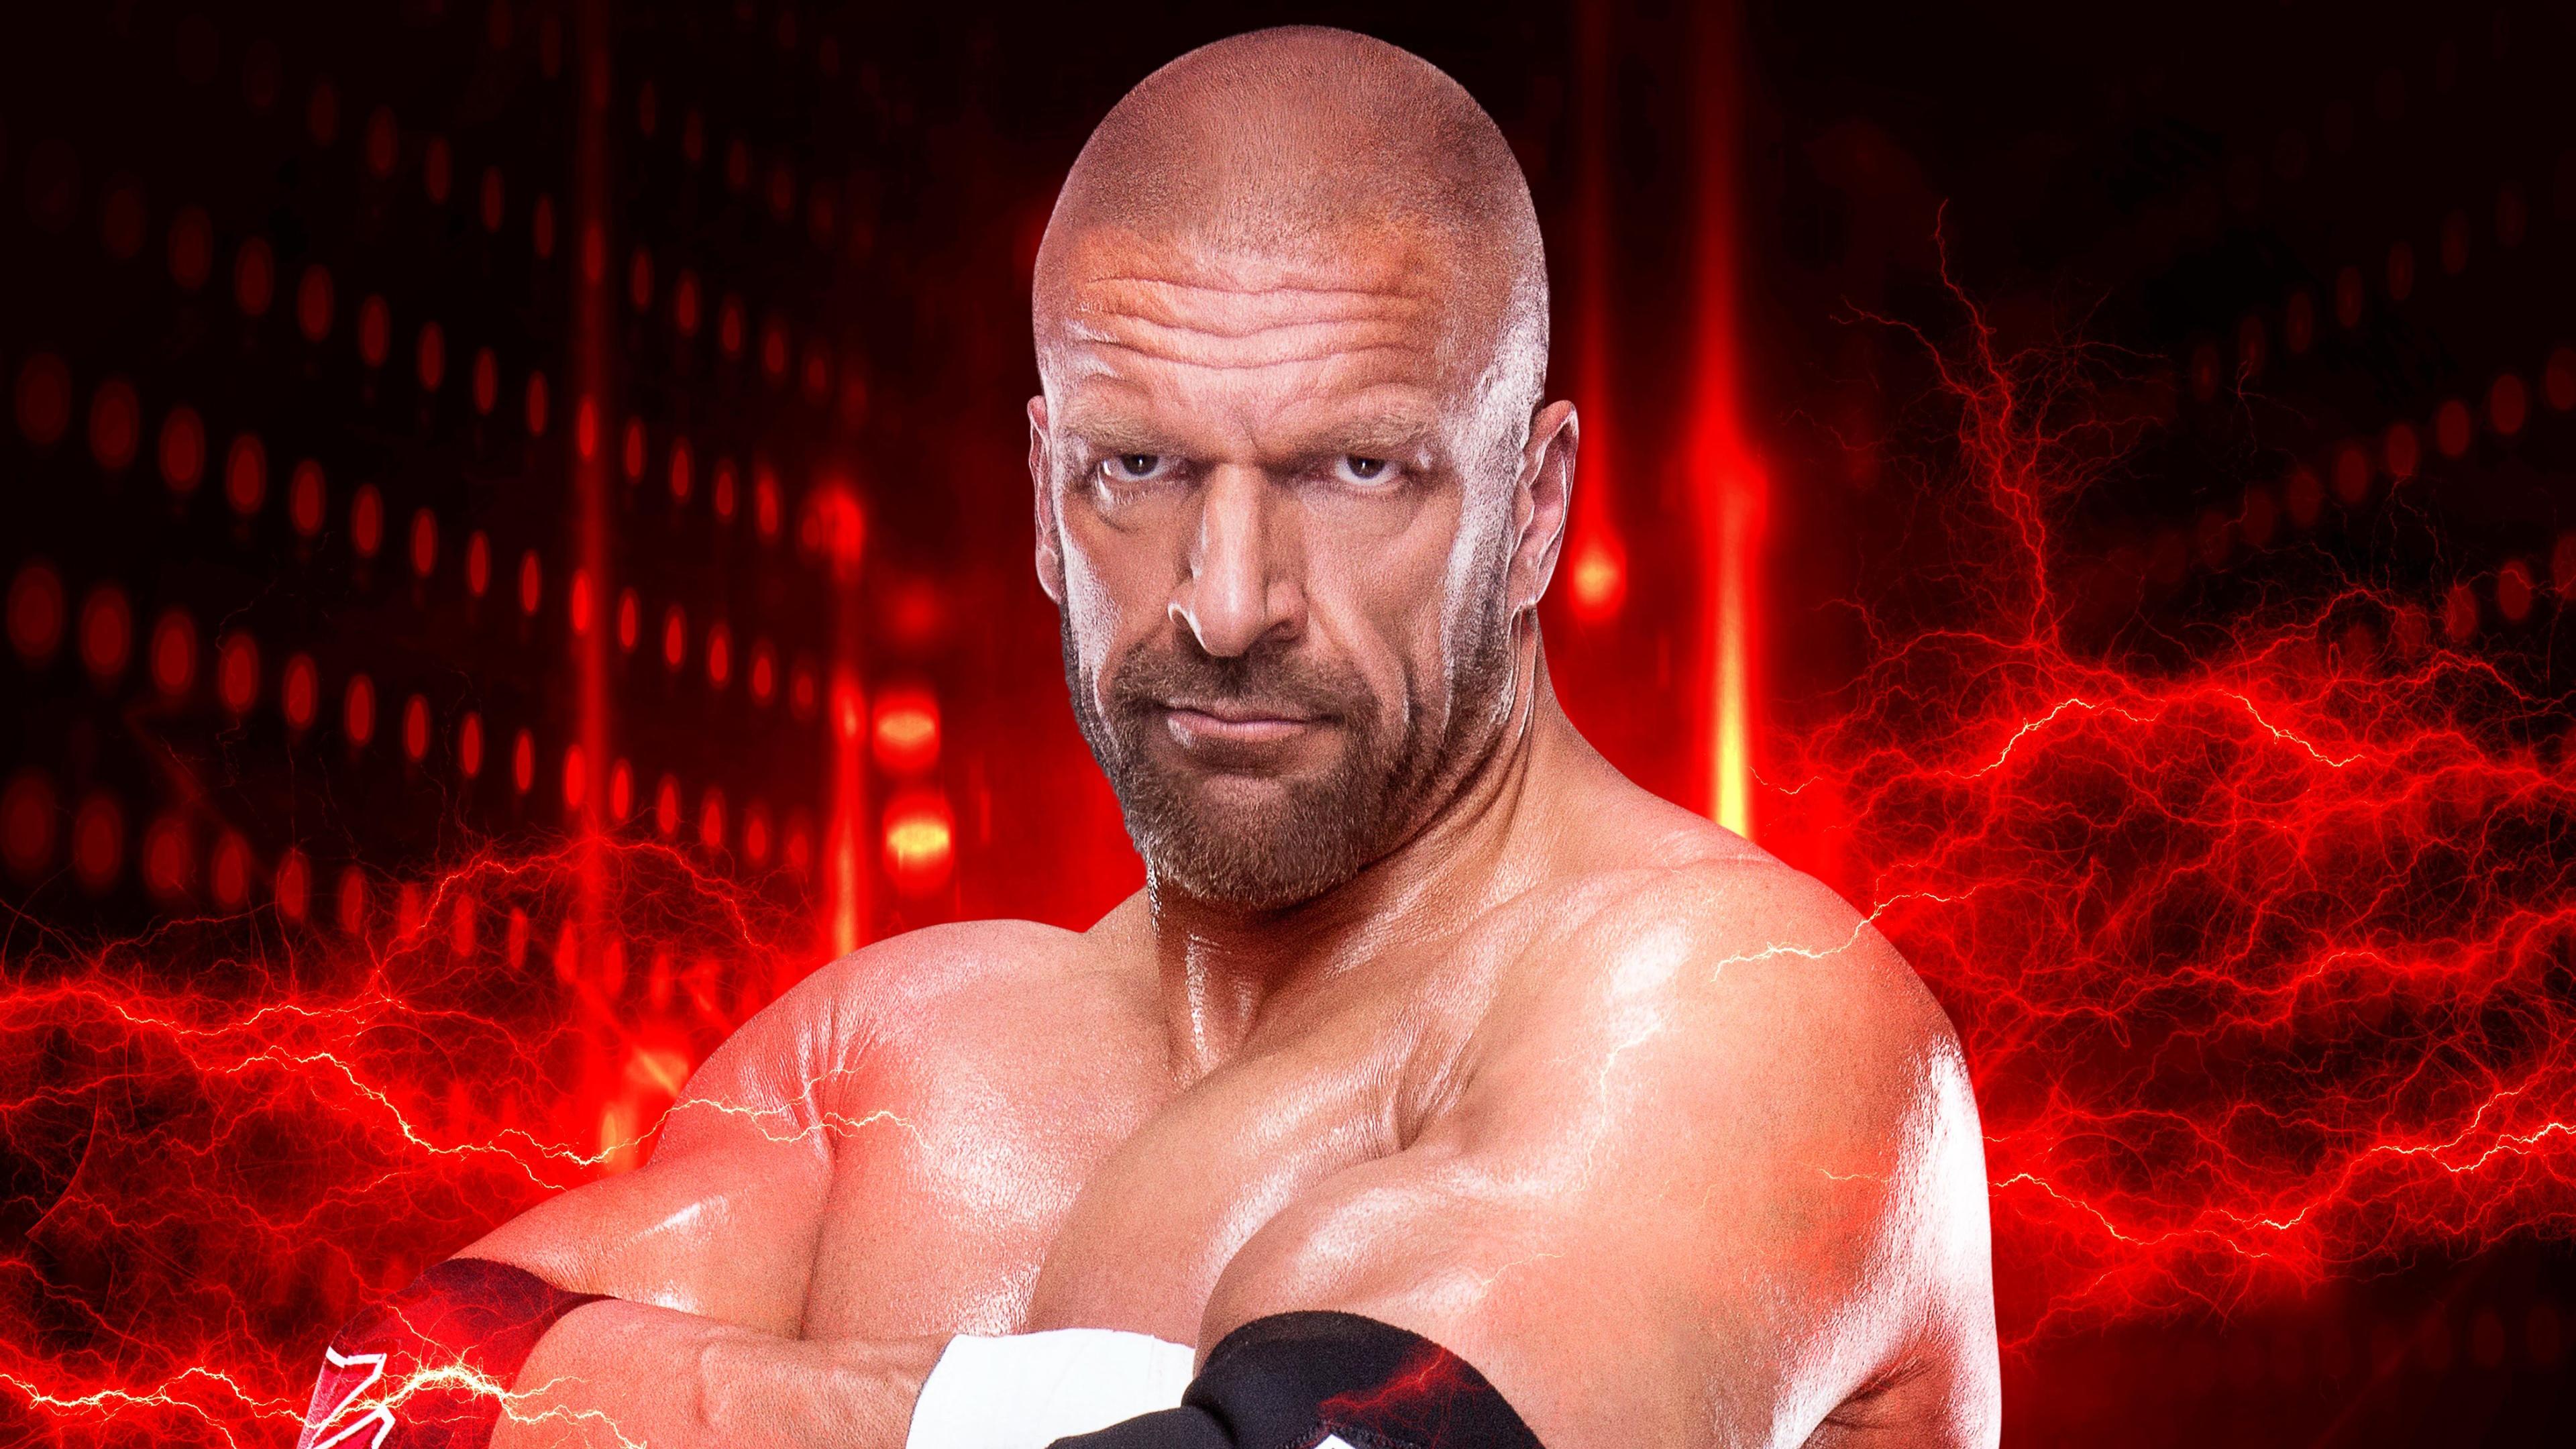 triple h wwe 2k19 1537691962 - Triple H WWE 2K19 - wwe wallpapers, wwe 2k19 wallpapers, triple h wallpapers, hd-wallpapers, games wallpapers, 4k-wallpapers, 2019 games wallpapers